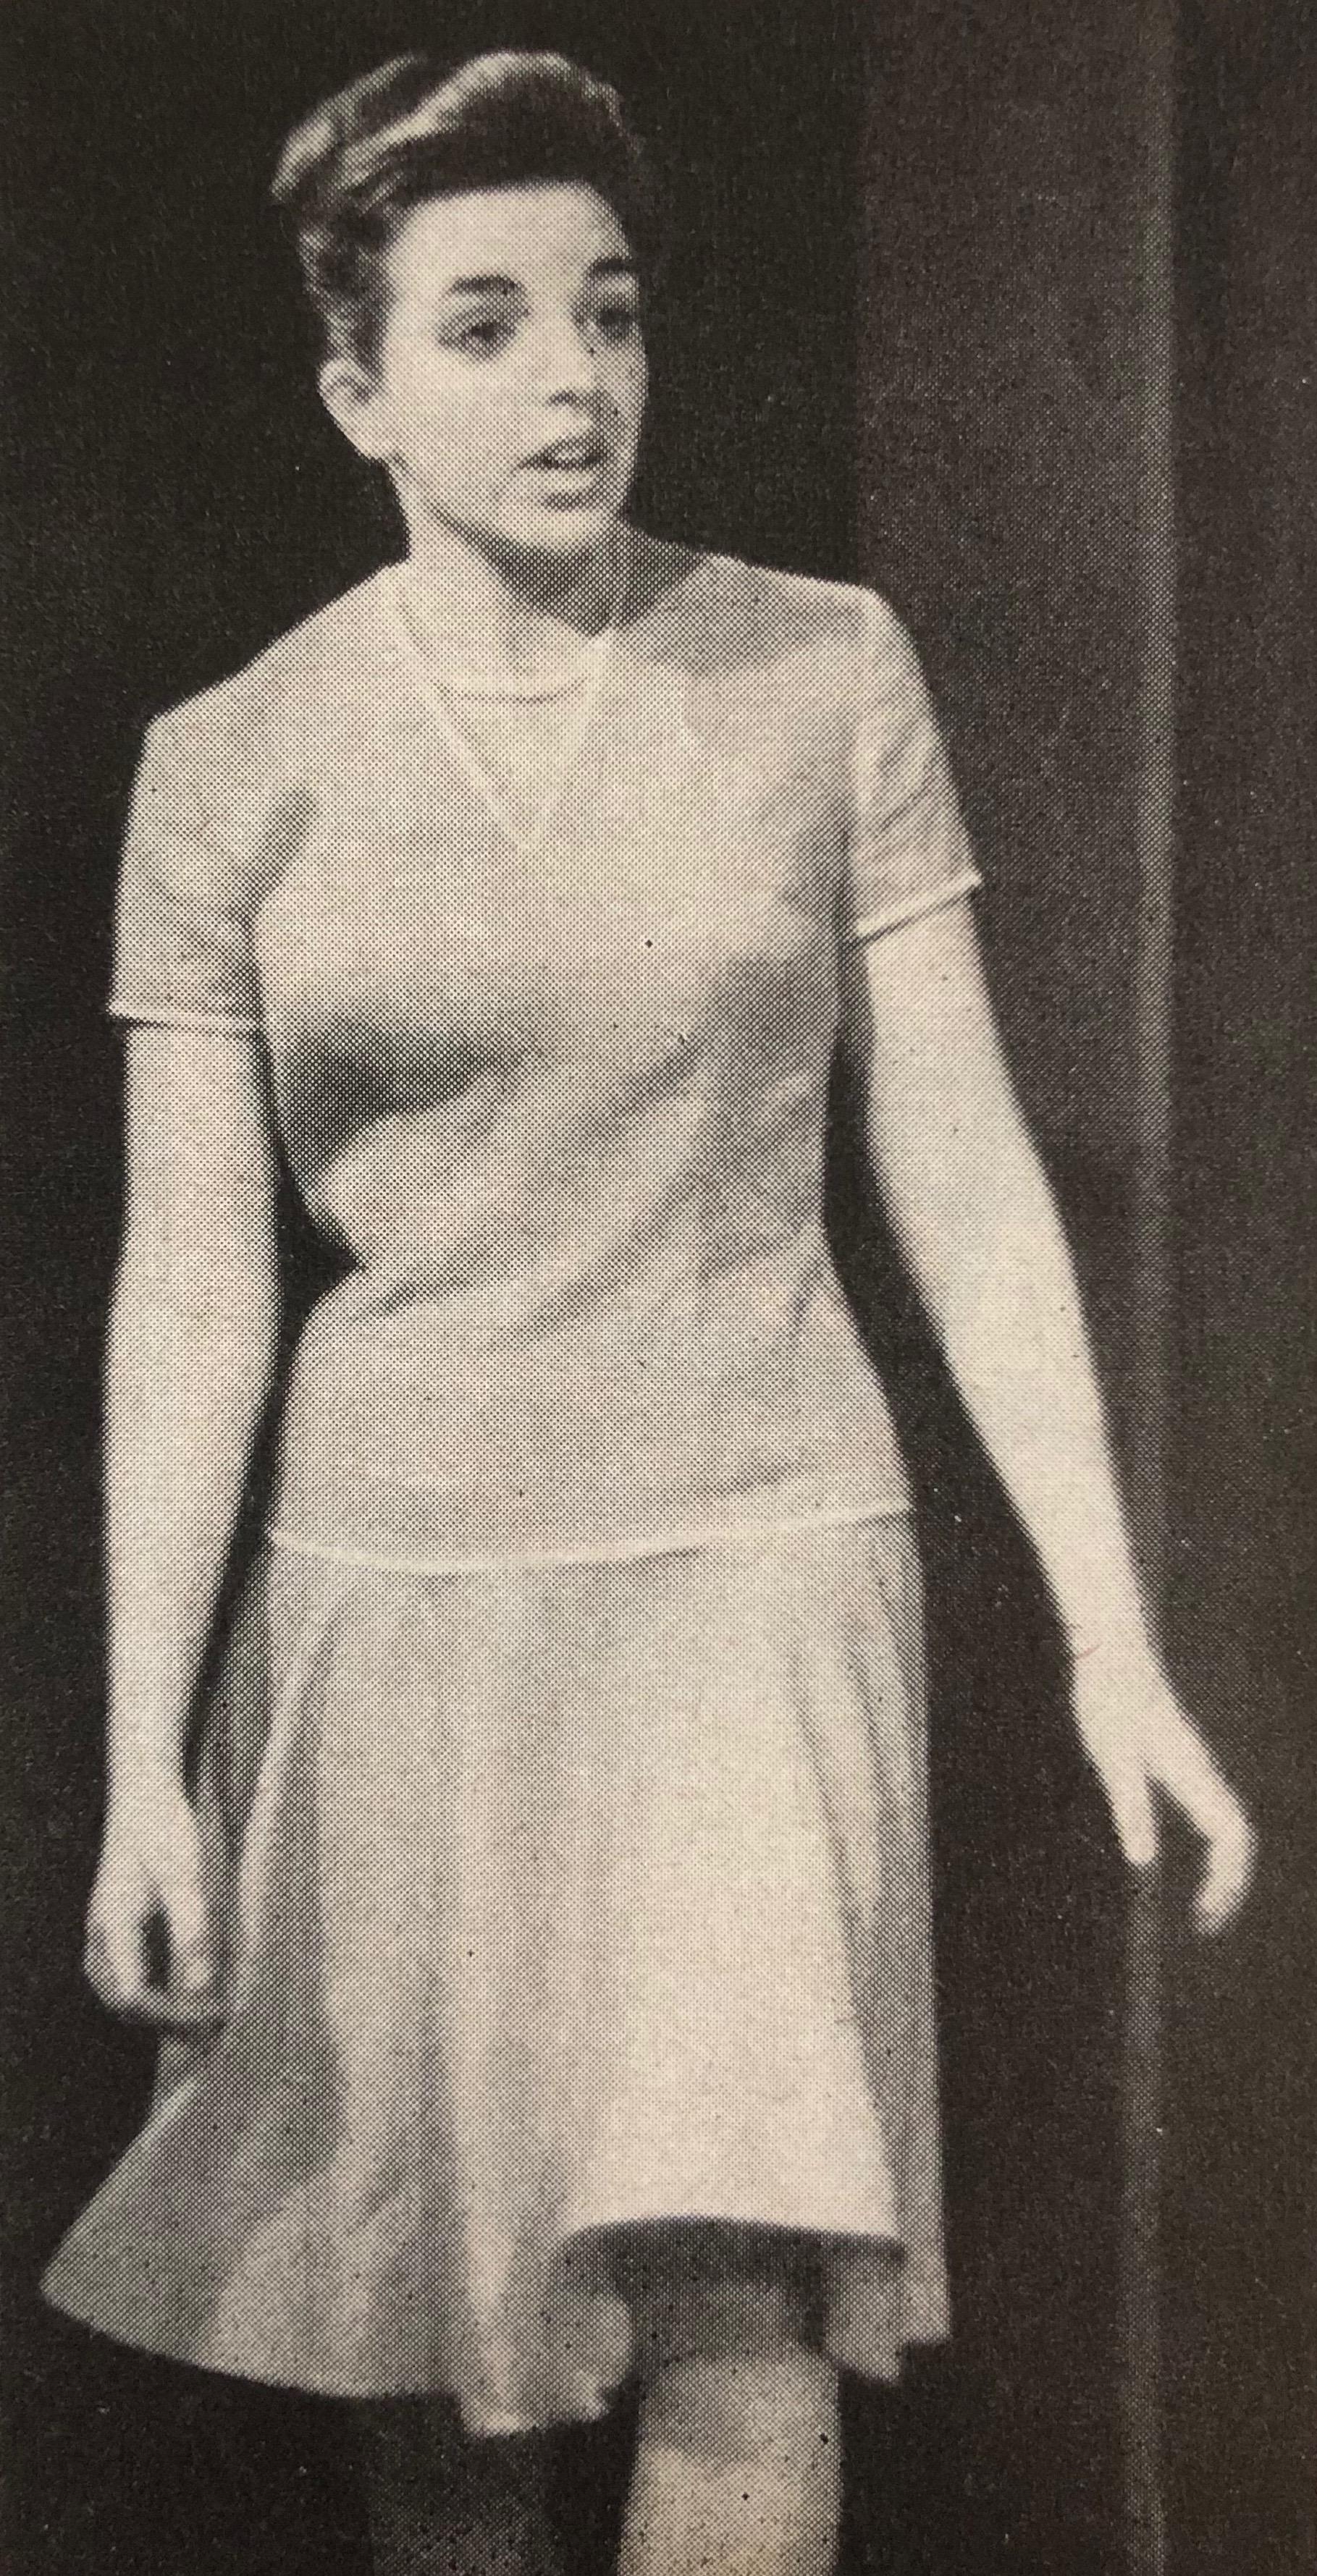 File:Liza Minnelli Best Foot Forward Look Magazine 1963 jpg